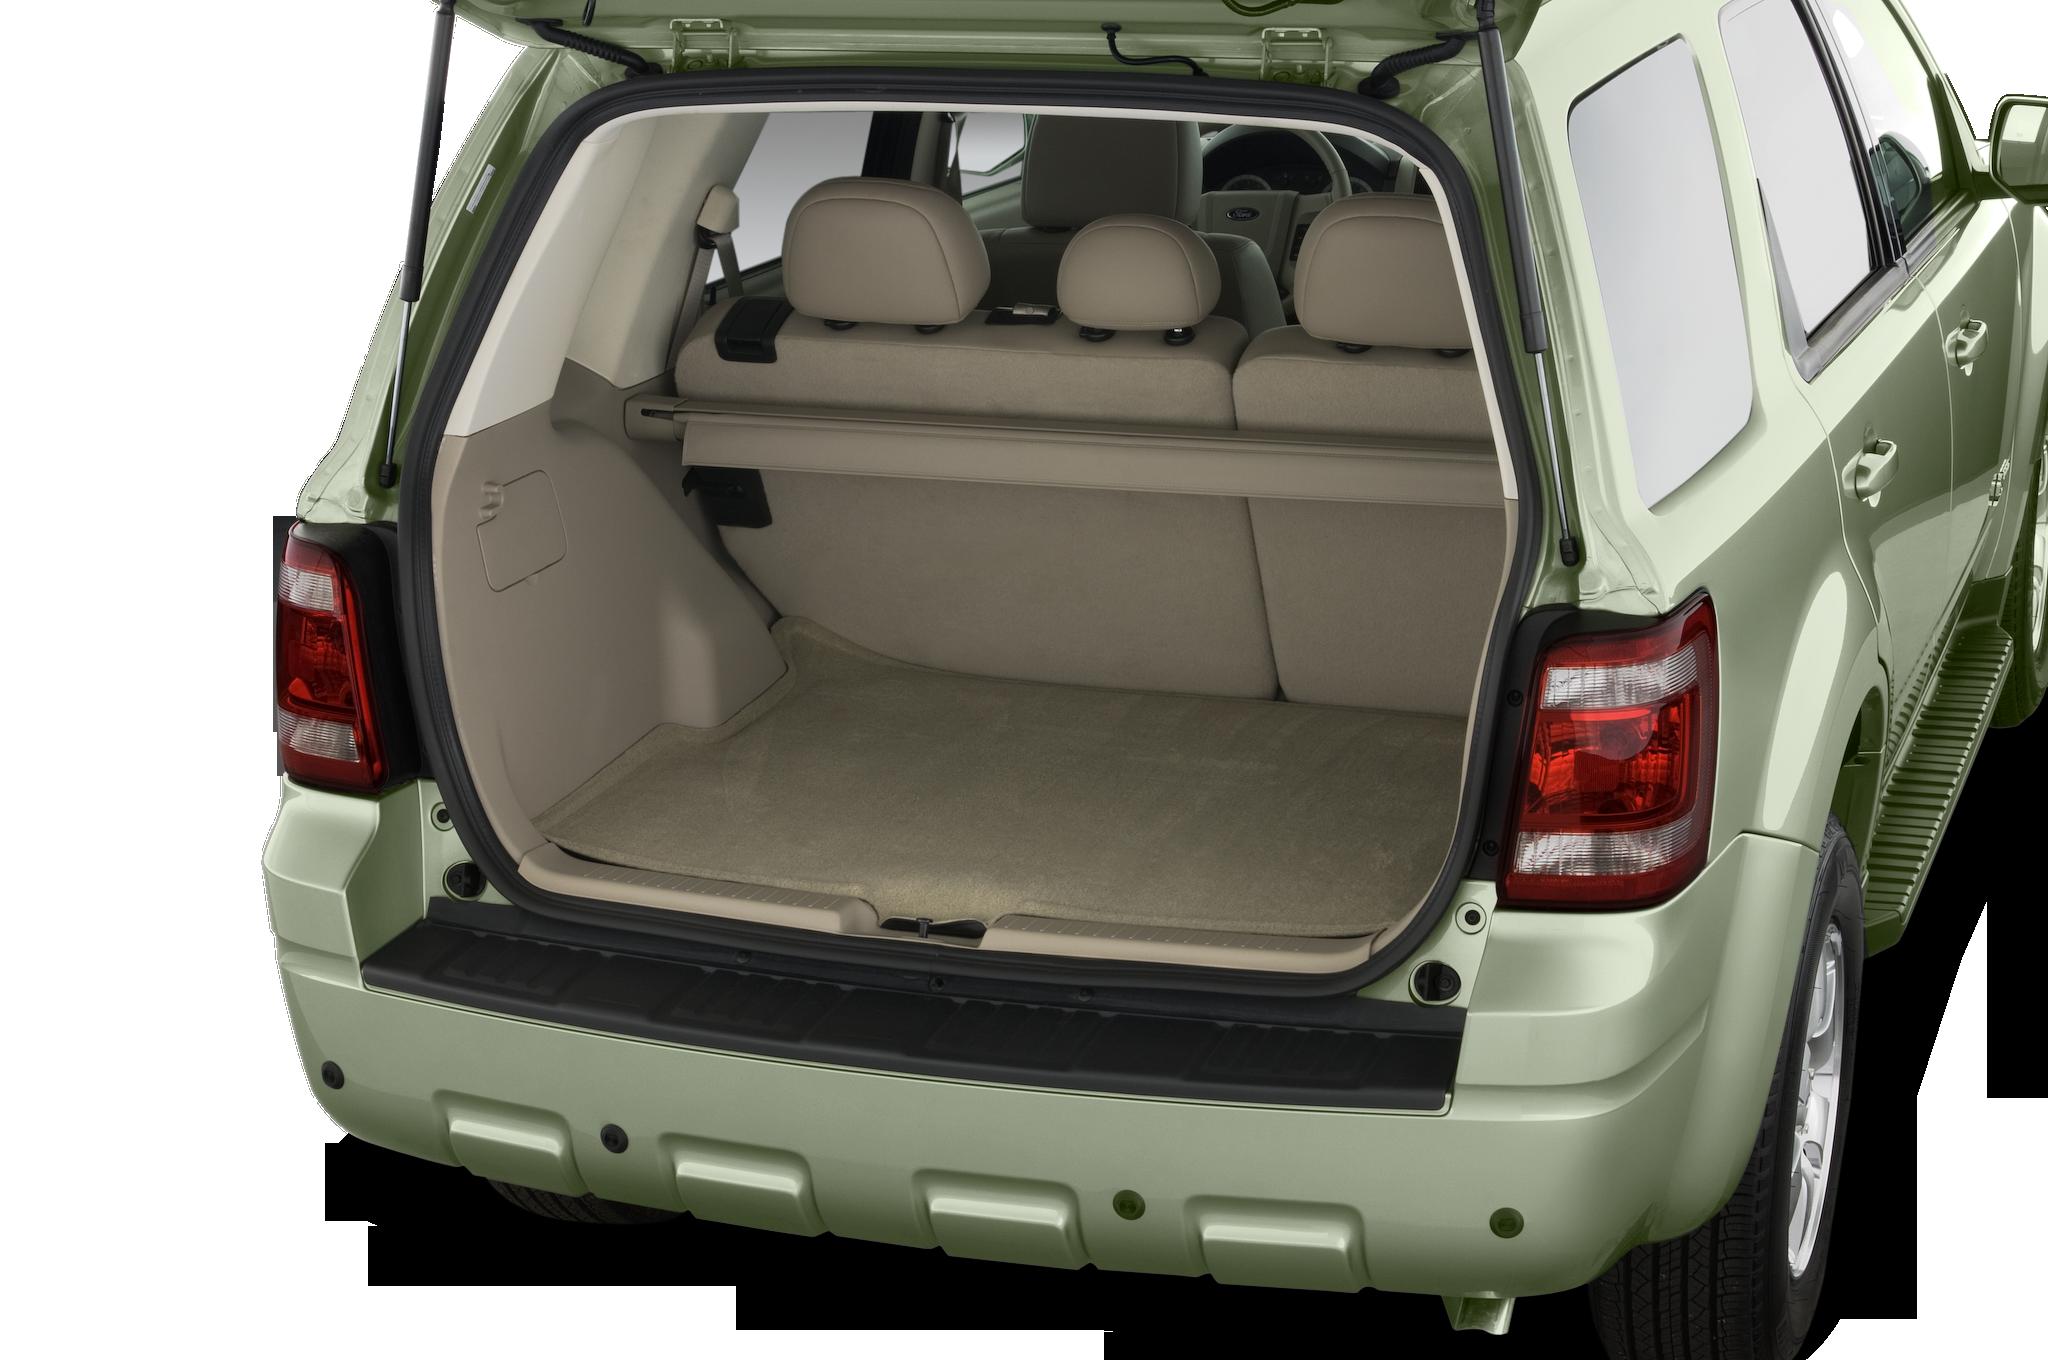 2012 ford escape interior dimensions